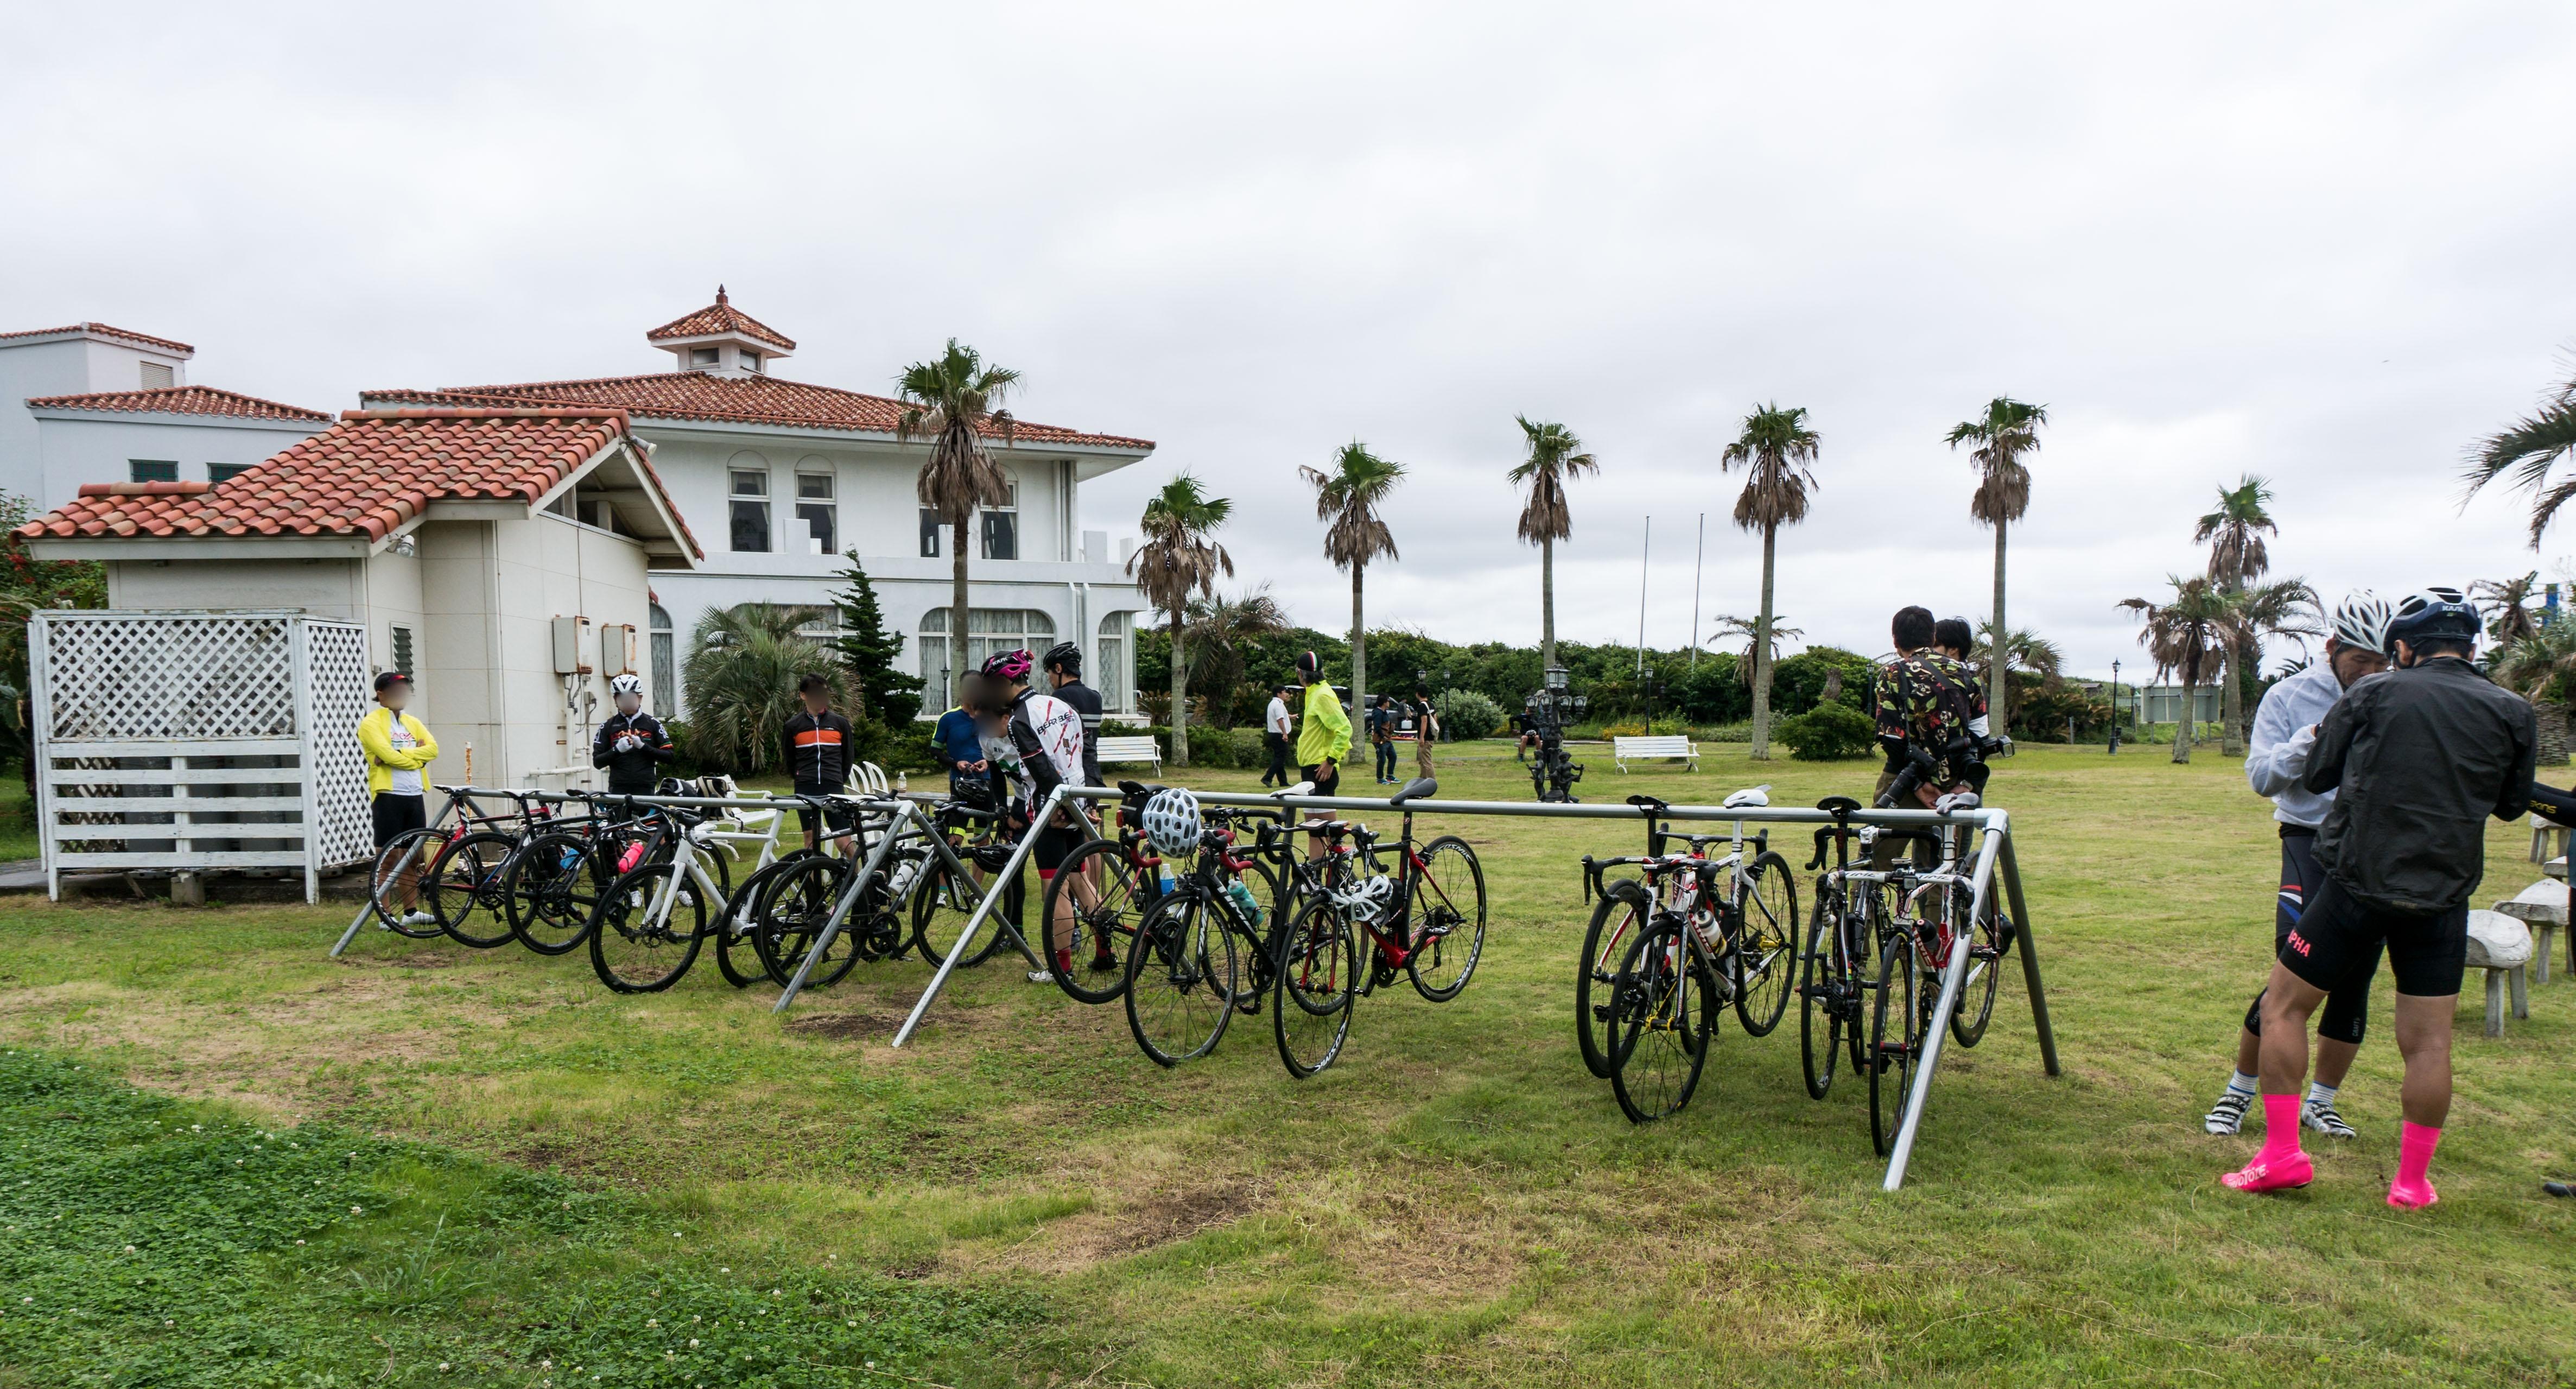 サイクルラックにロードバイクがたくさん